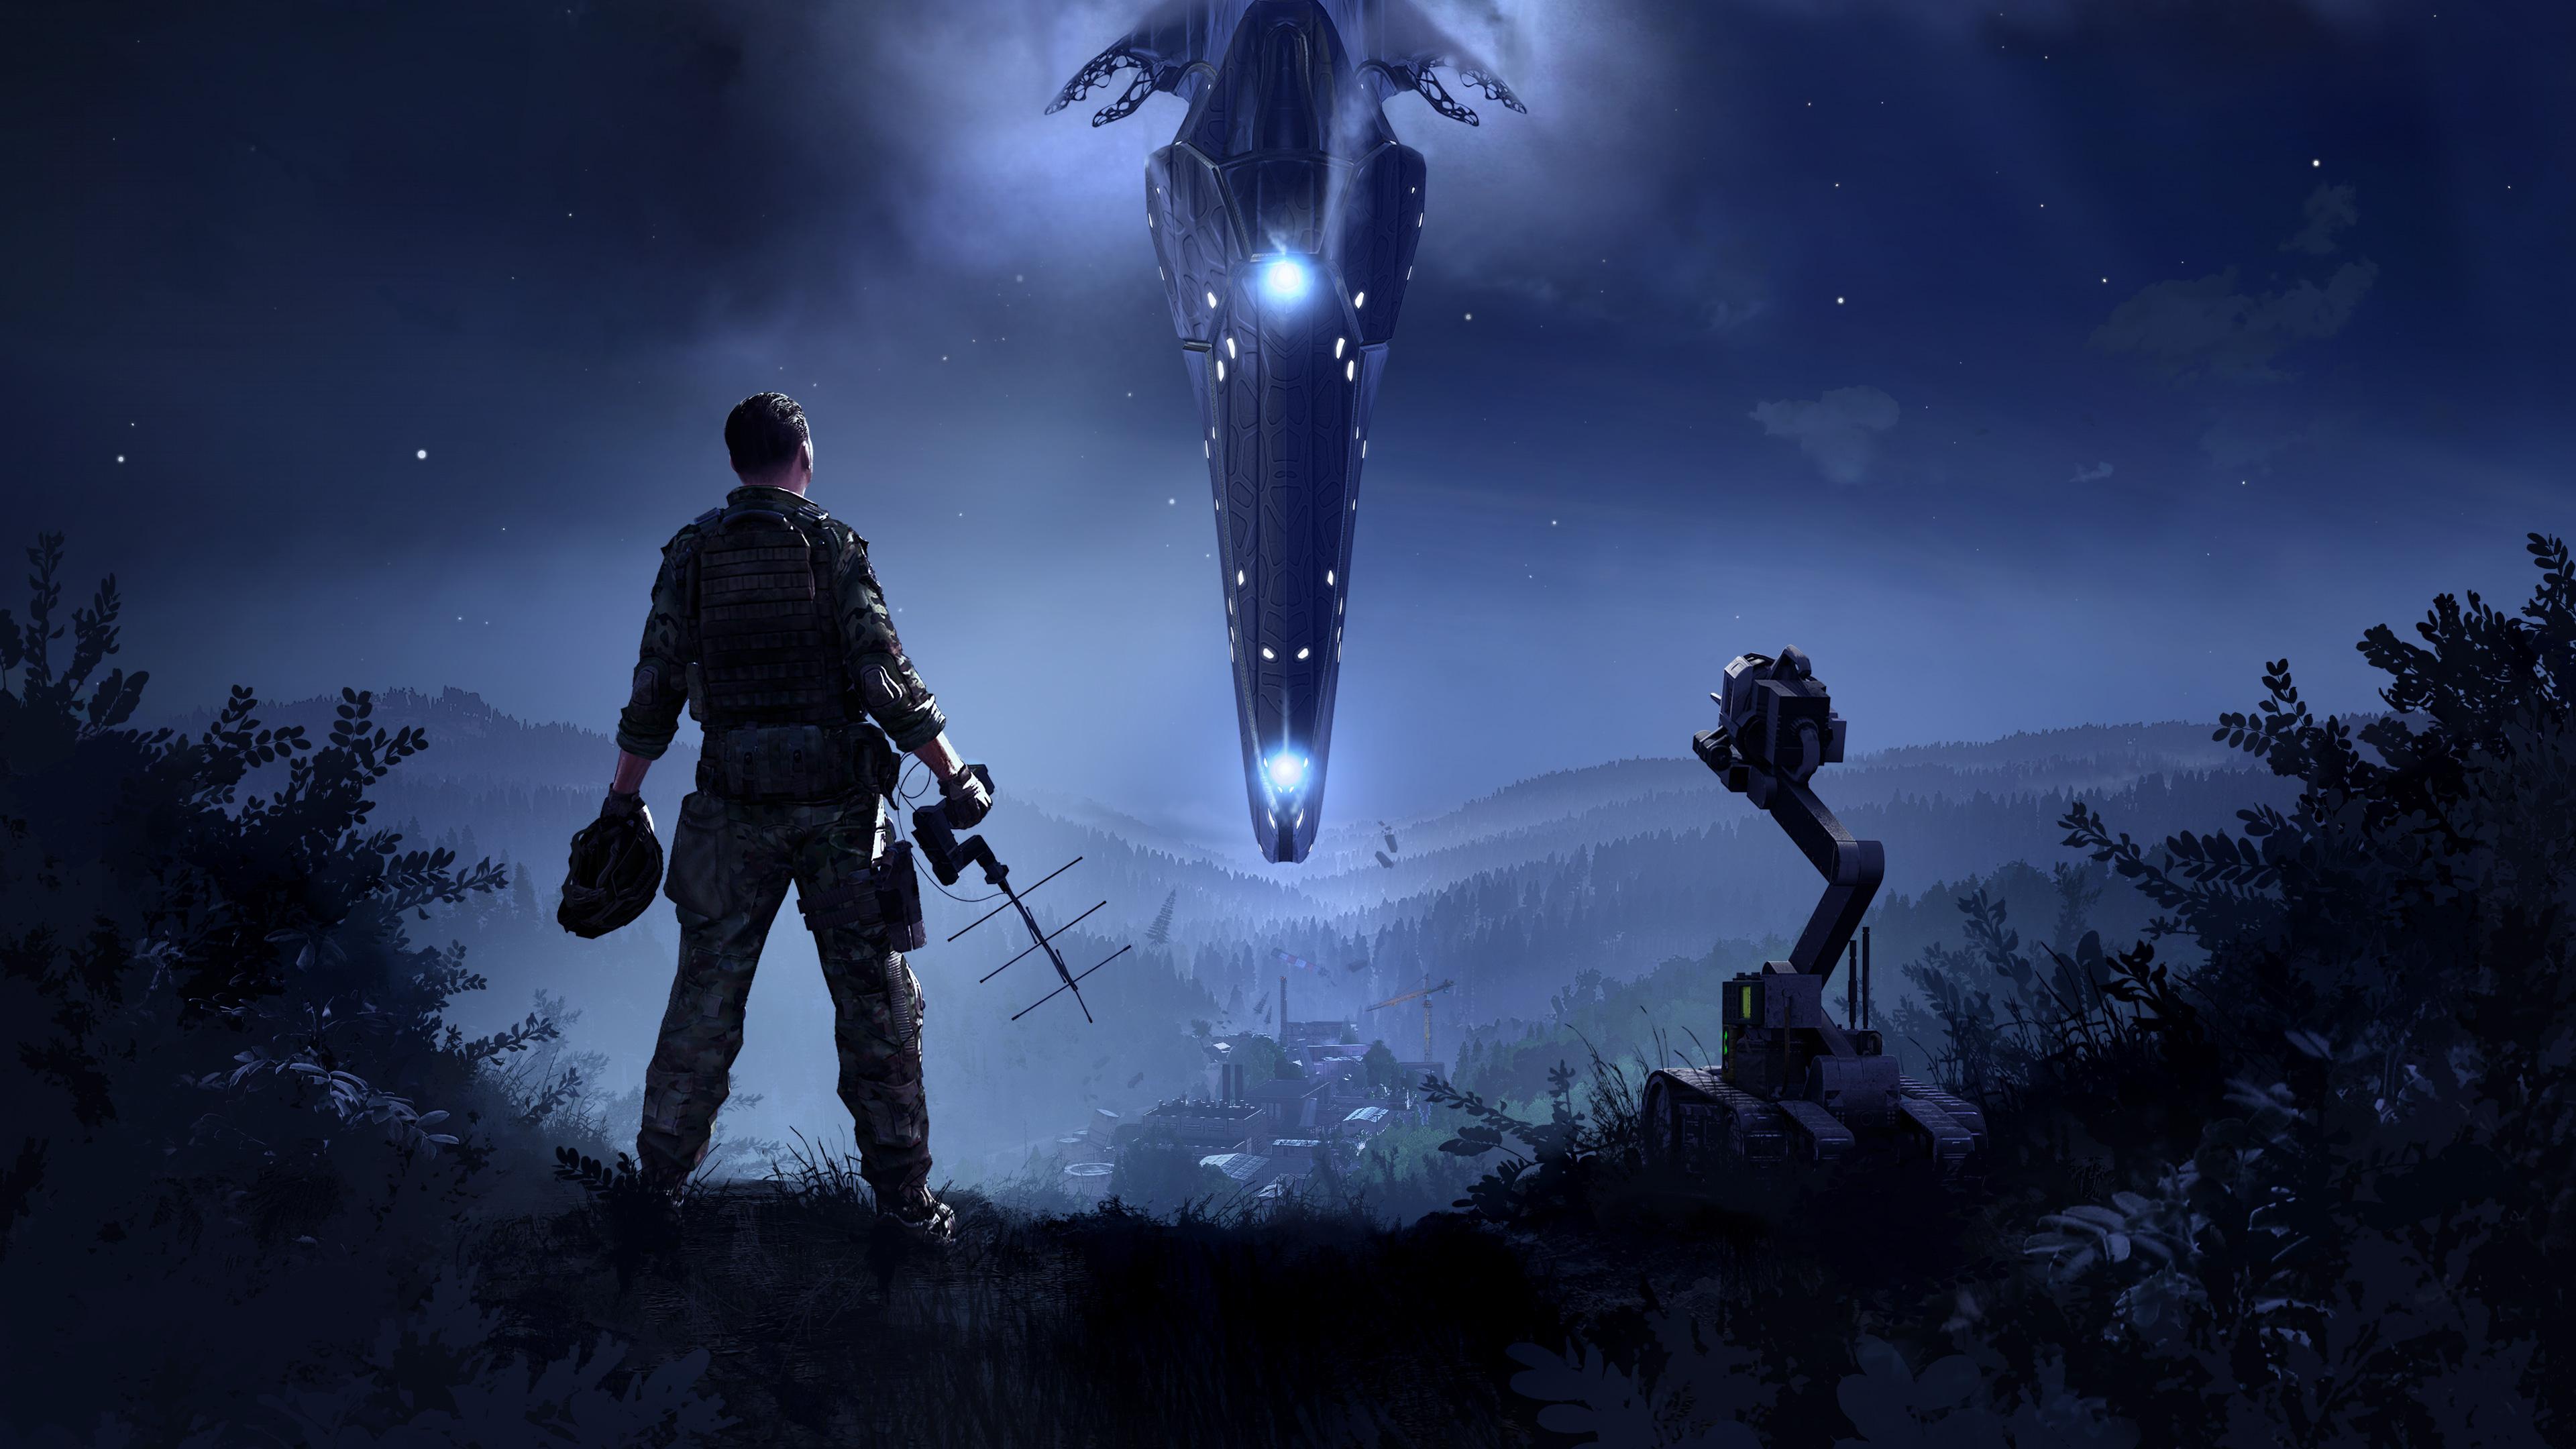 Nové rozšíření do ArmA 3 přitáhne mimozemšťany